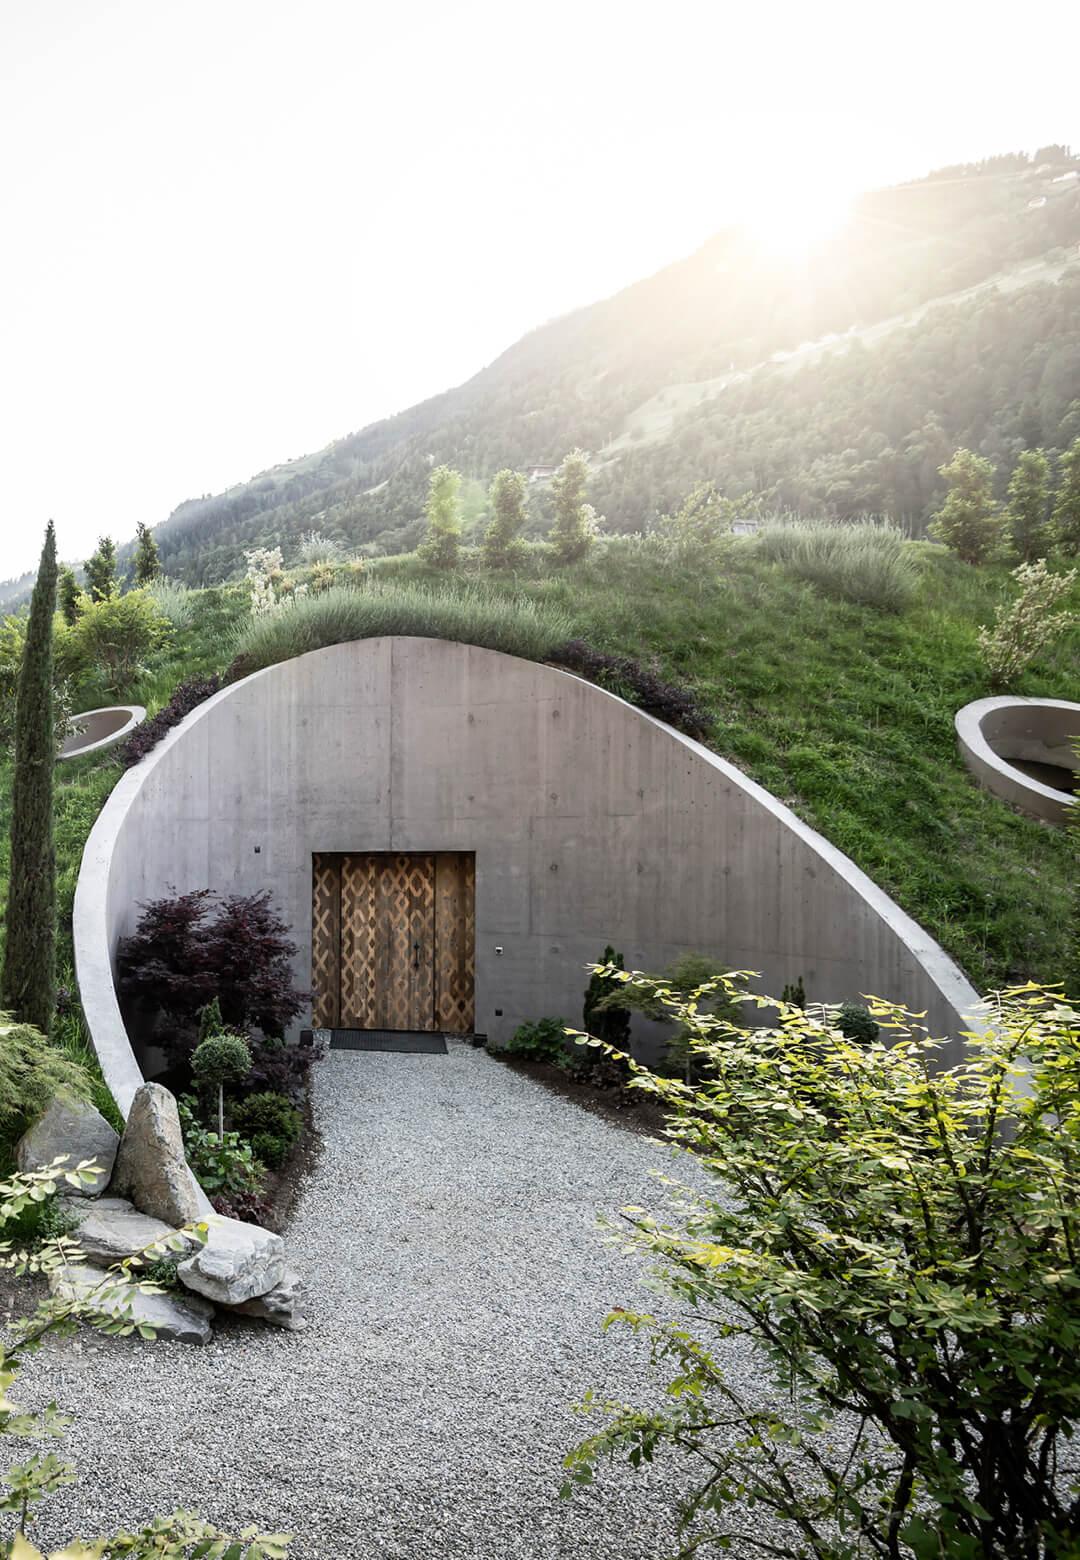 Apfelhotel Torgglerhof in SouthTyrol, Italy, designed by noa* | Apfelhotel Torgglerhof by noa* architecture| STIRworld